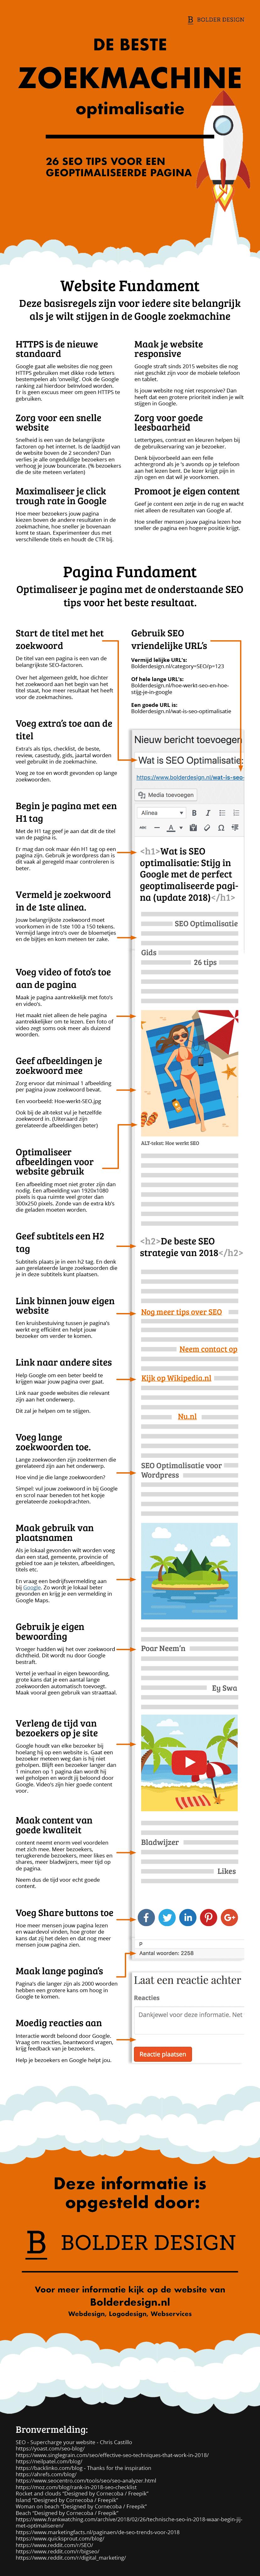 Zoekmachine optimalisatie infographic